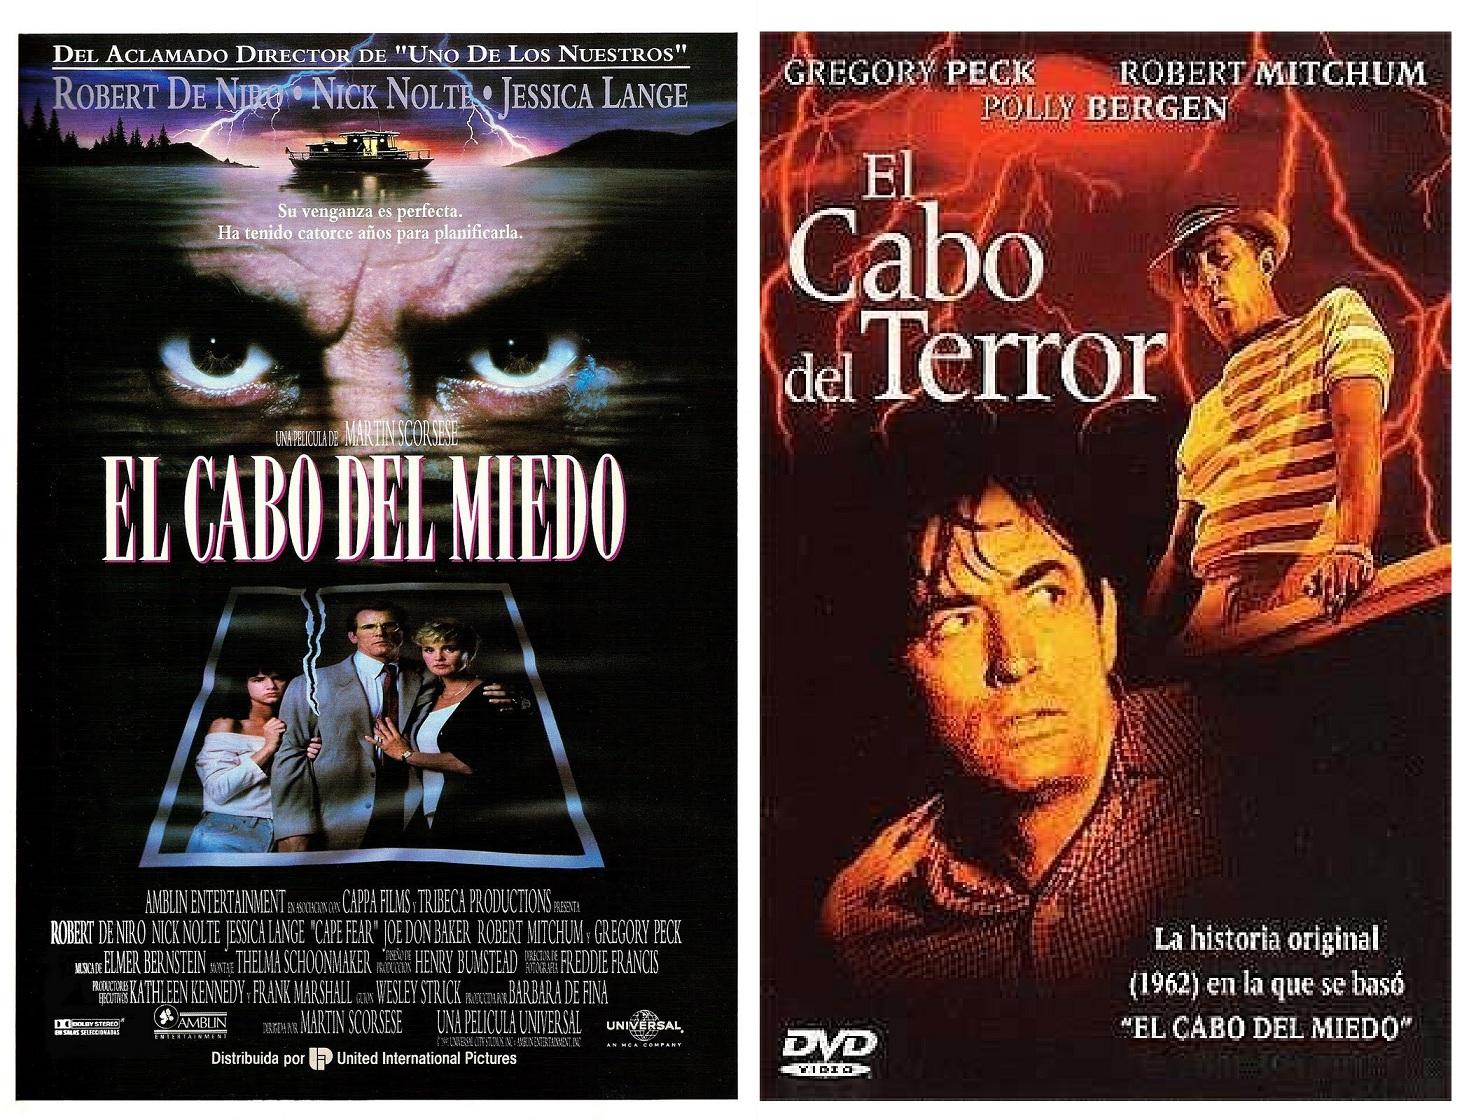 https://i1.wp.com/www.mubis.es/media/users/2558/59190/duelos-de-cine-el-cabo-del-miedo-el-cabo-del-terror-original.jpg